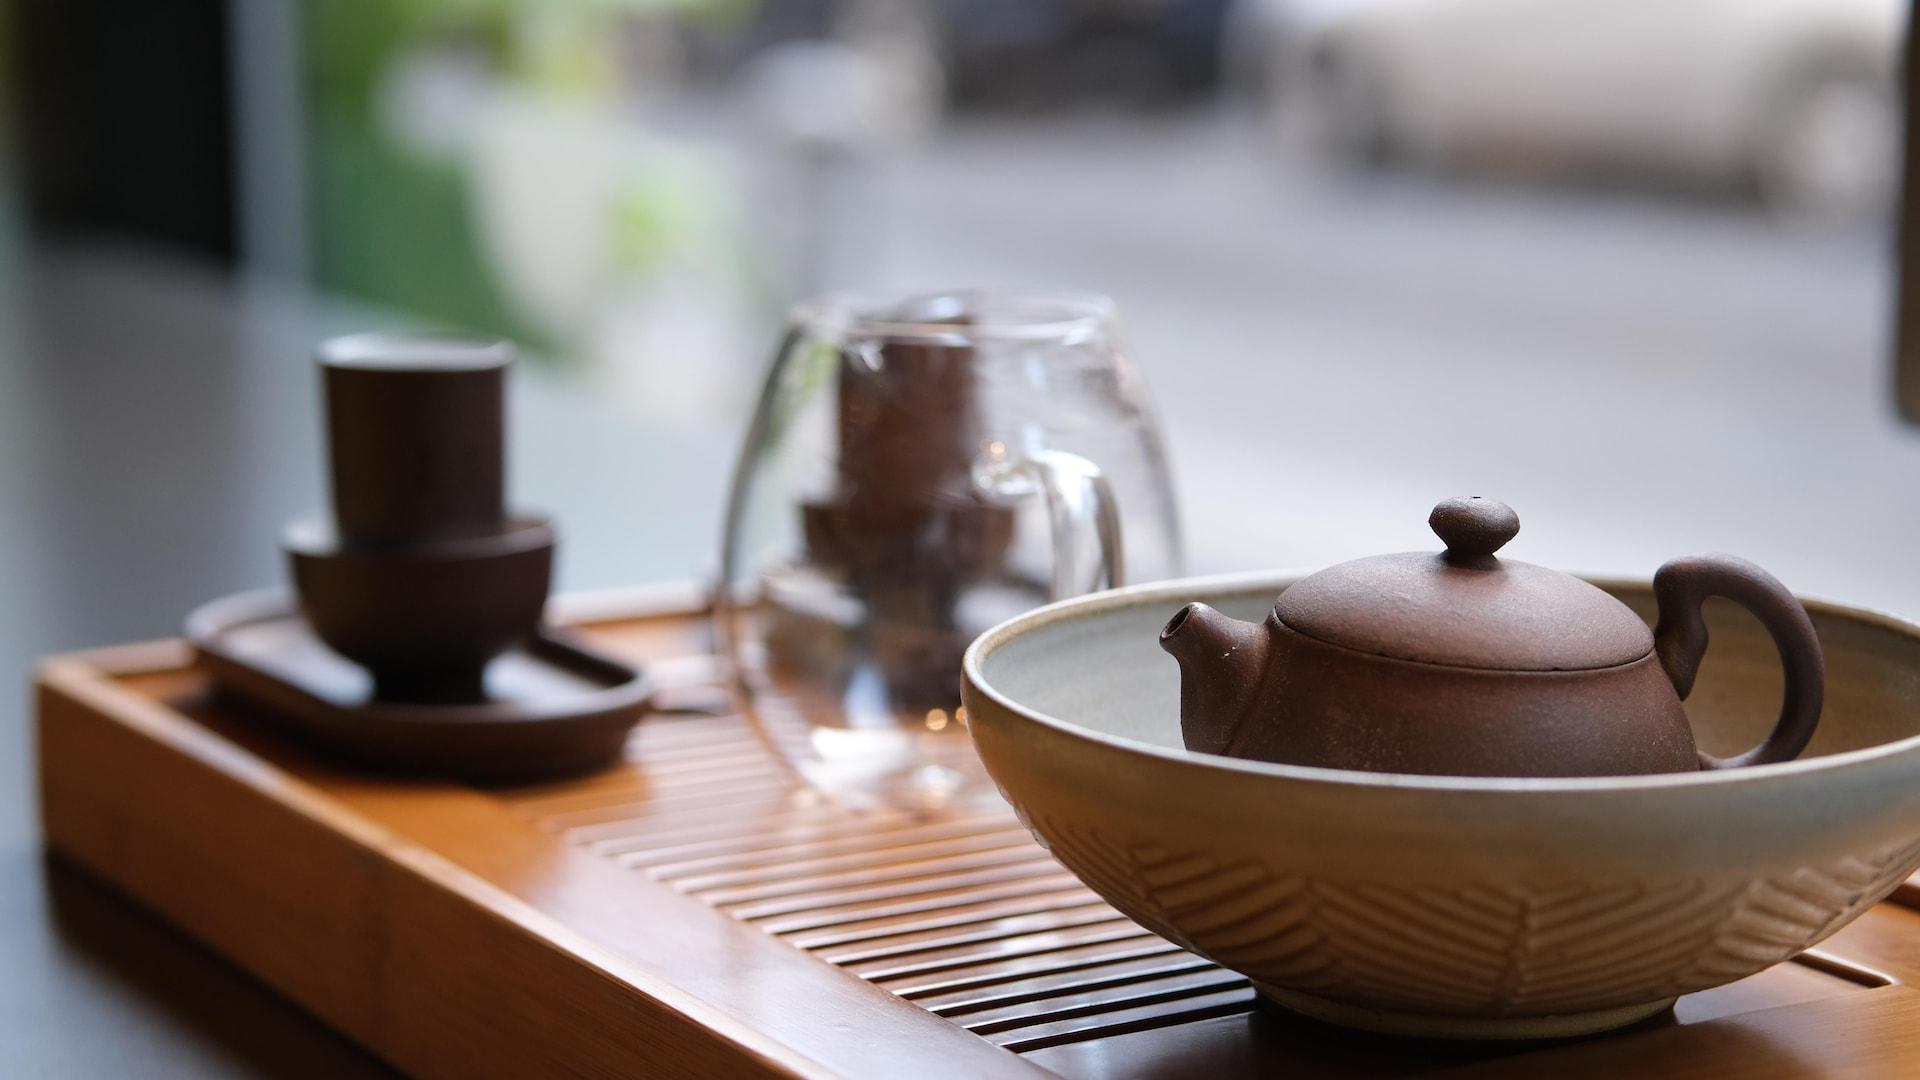 Des accessoires utilisés pour la cérémonie de thé gong fu cha à la Maison de thé Camellia Sinensis.